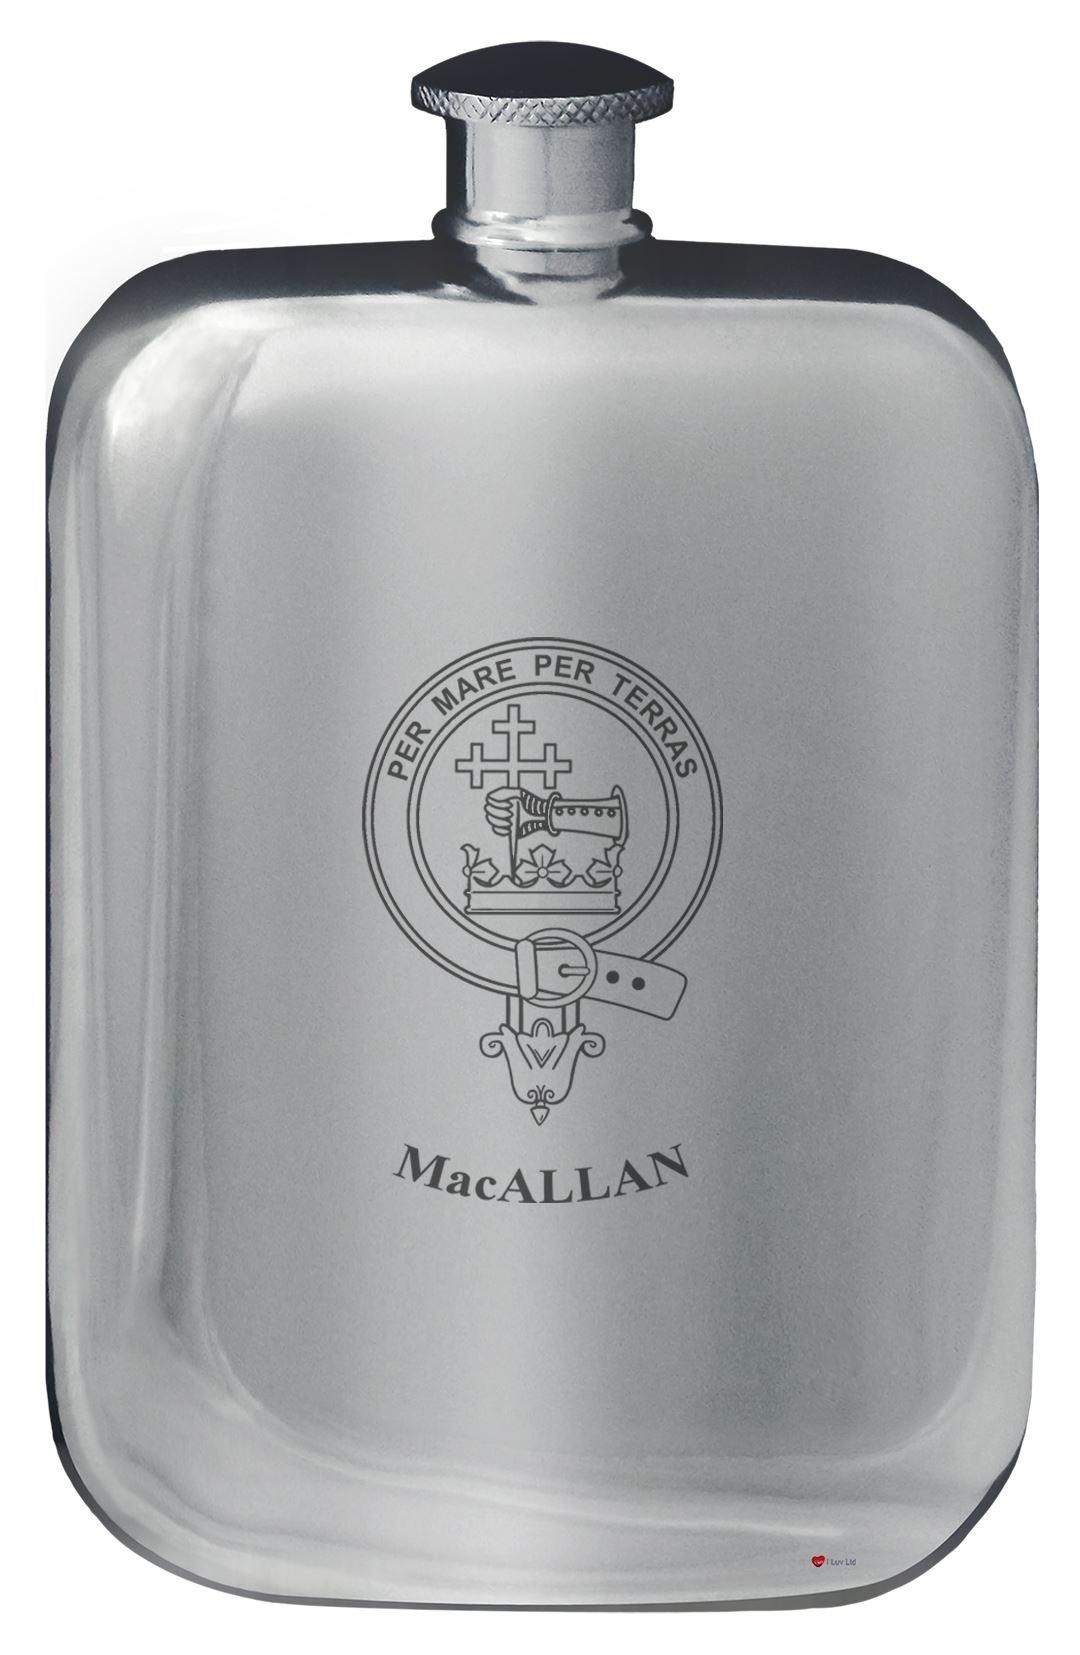 MacAllan Family Crest Design Pocket Hip Flask 6oz Rounded Polished Pewter